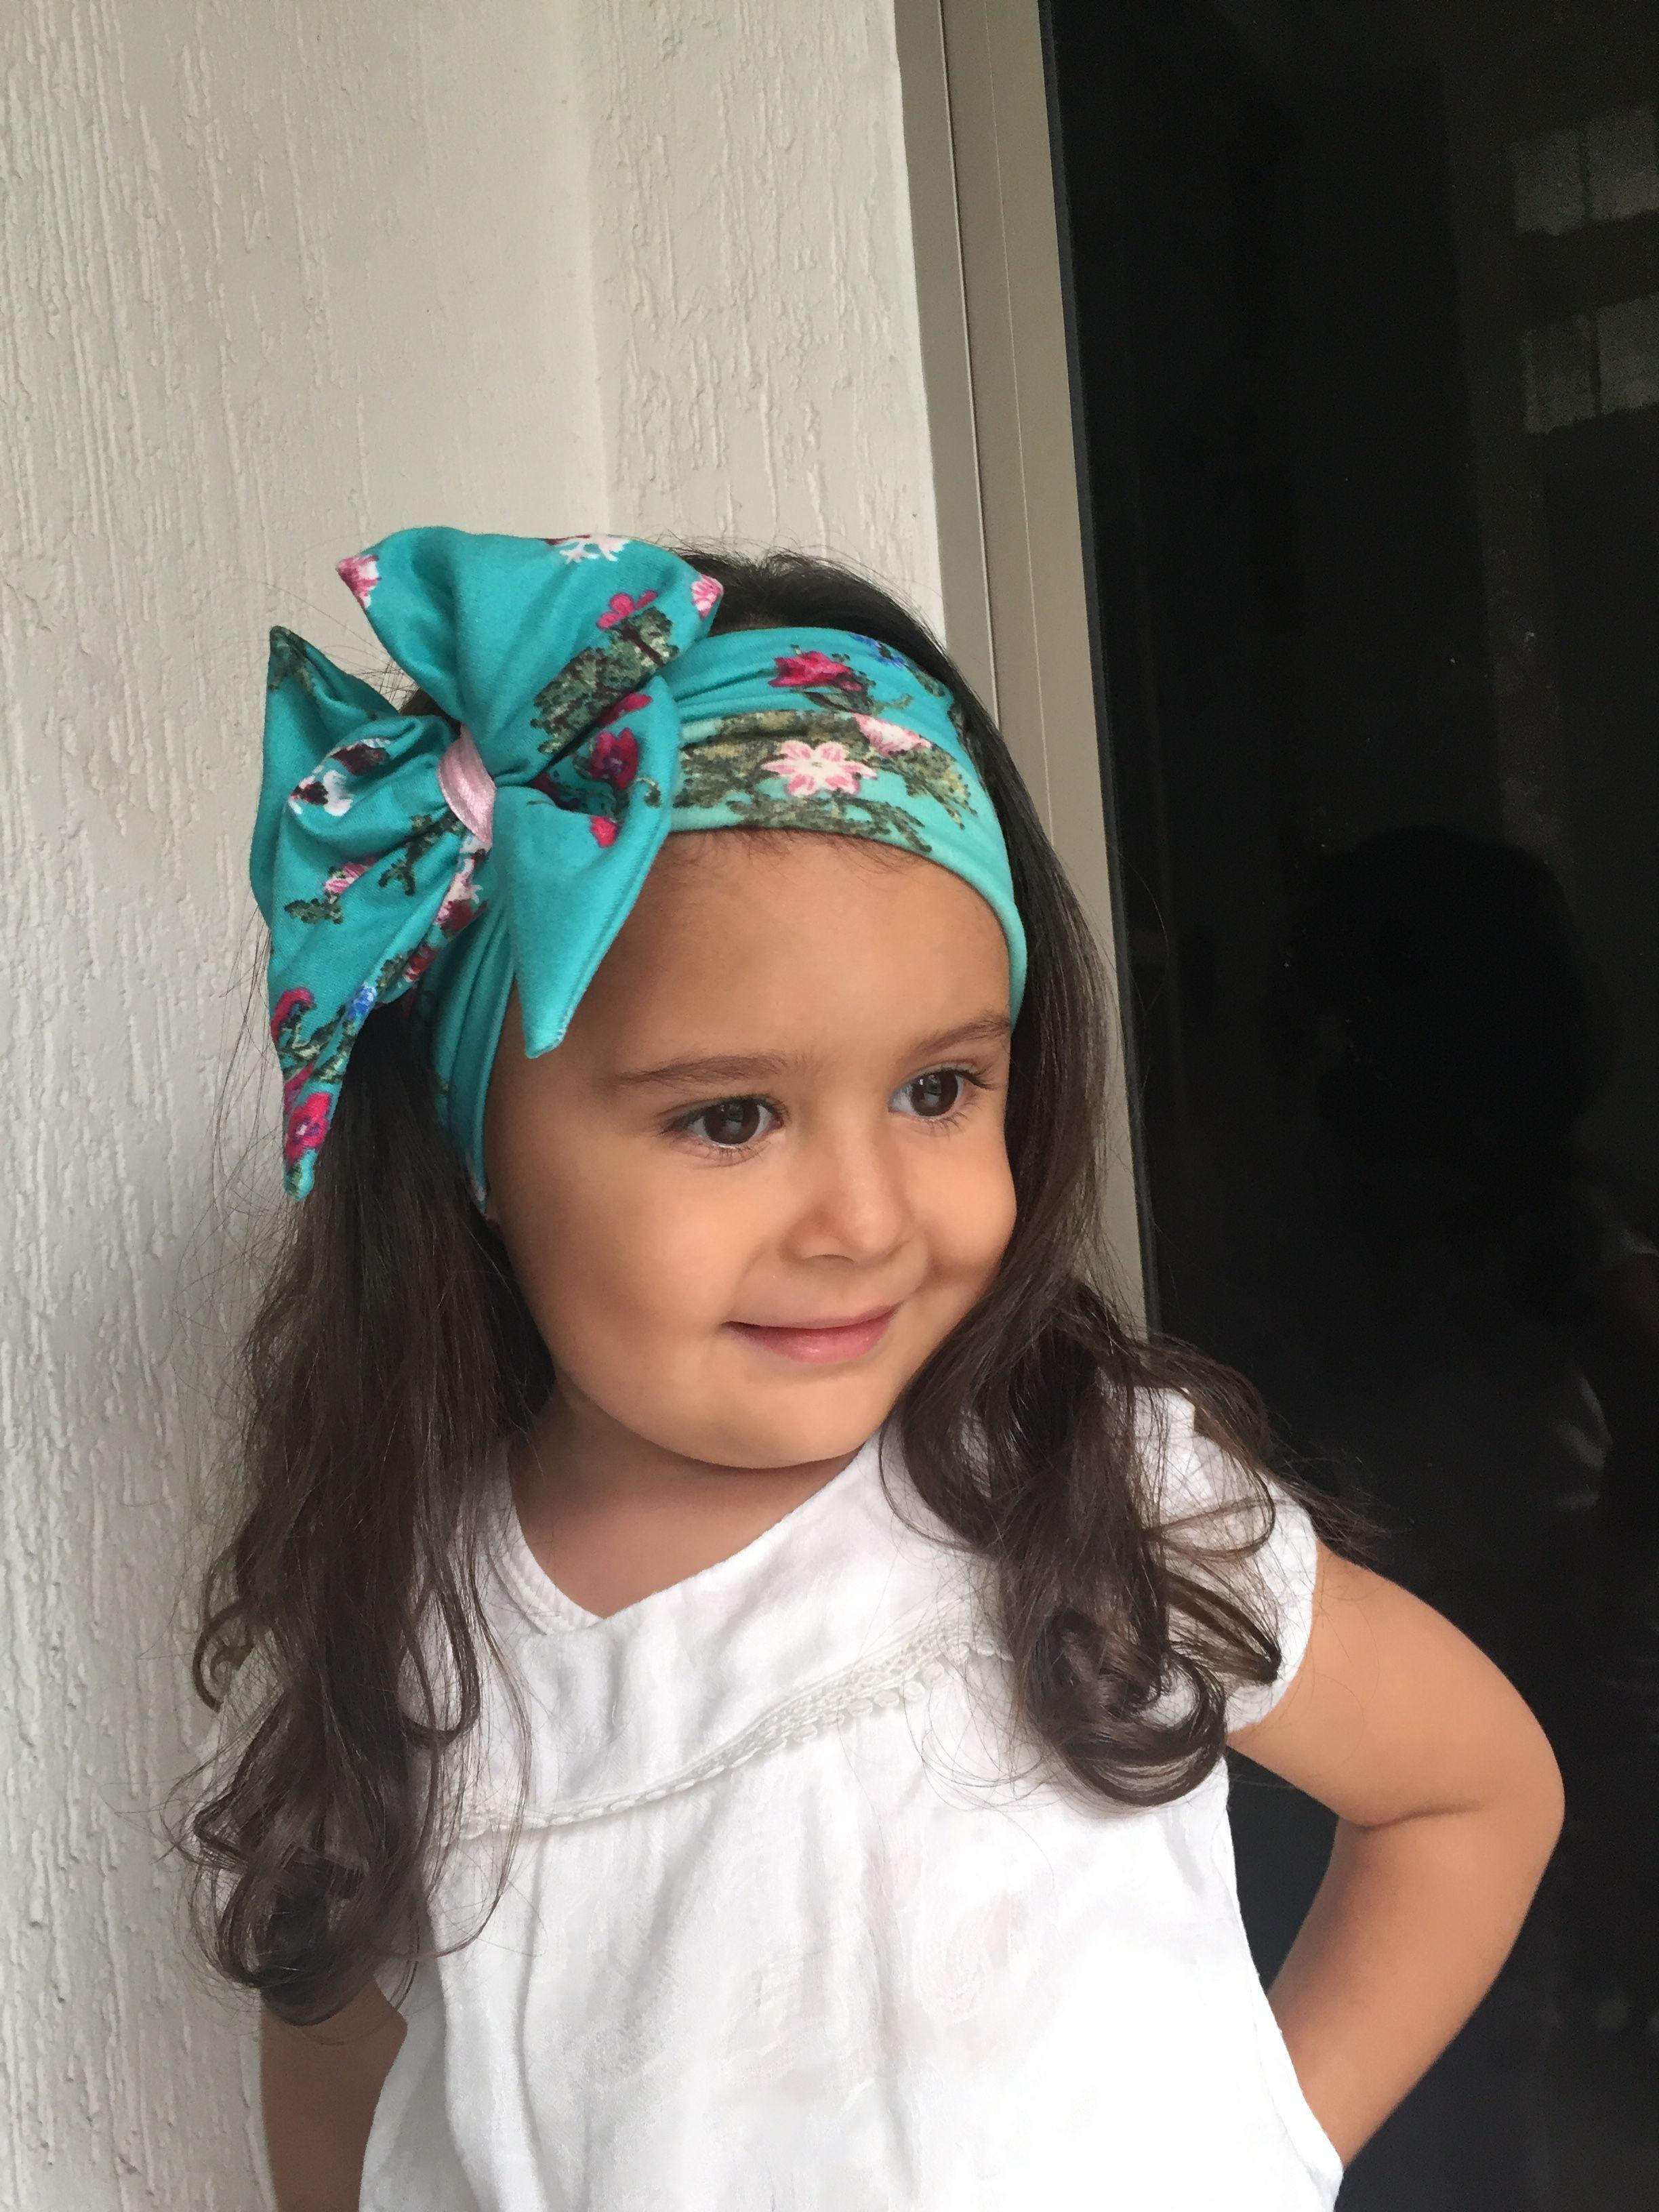 alfiler entonces Practicar senderismo  Turbante para niñas by @grekascrafts   Bufandas para cabello, Turbantes  para niña, Accesorios para cabello de niñas